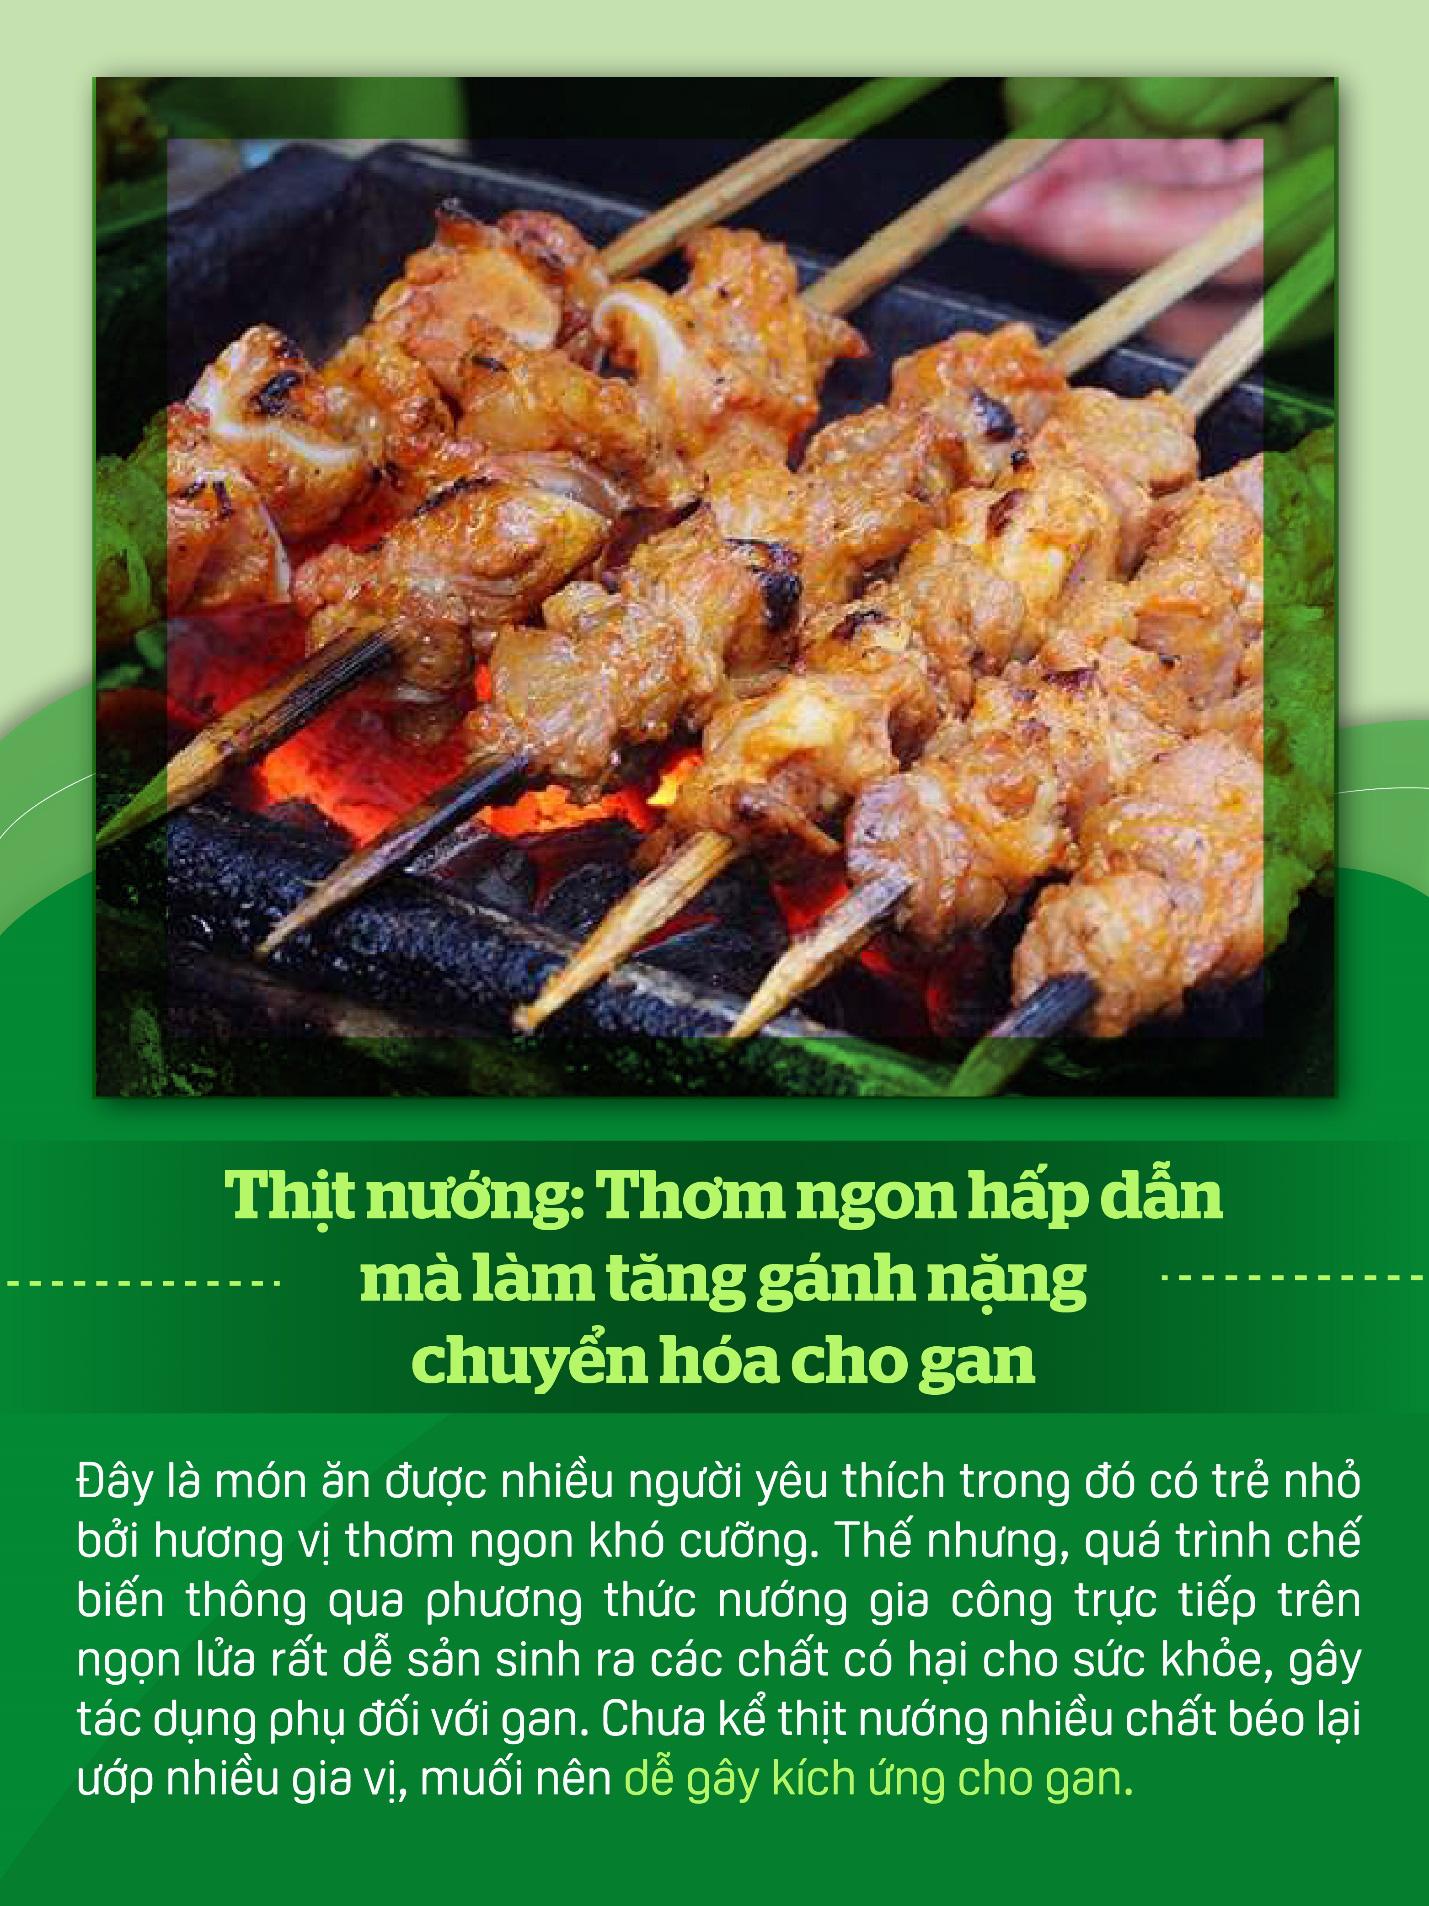 Nấu ăn mùa nắng nóng nhớ hạn chế những thực phẩm này để bảo vệ gan - Ảnh 4.